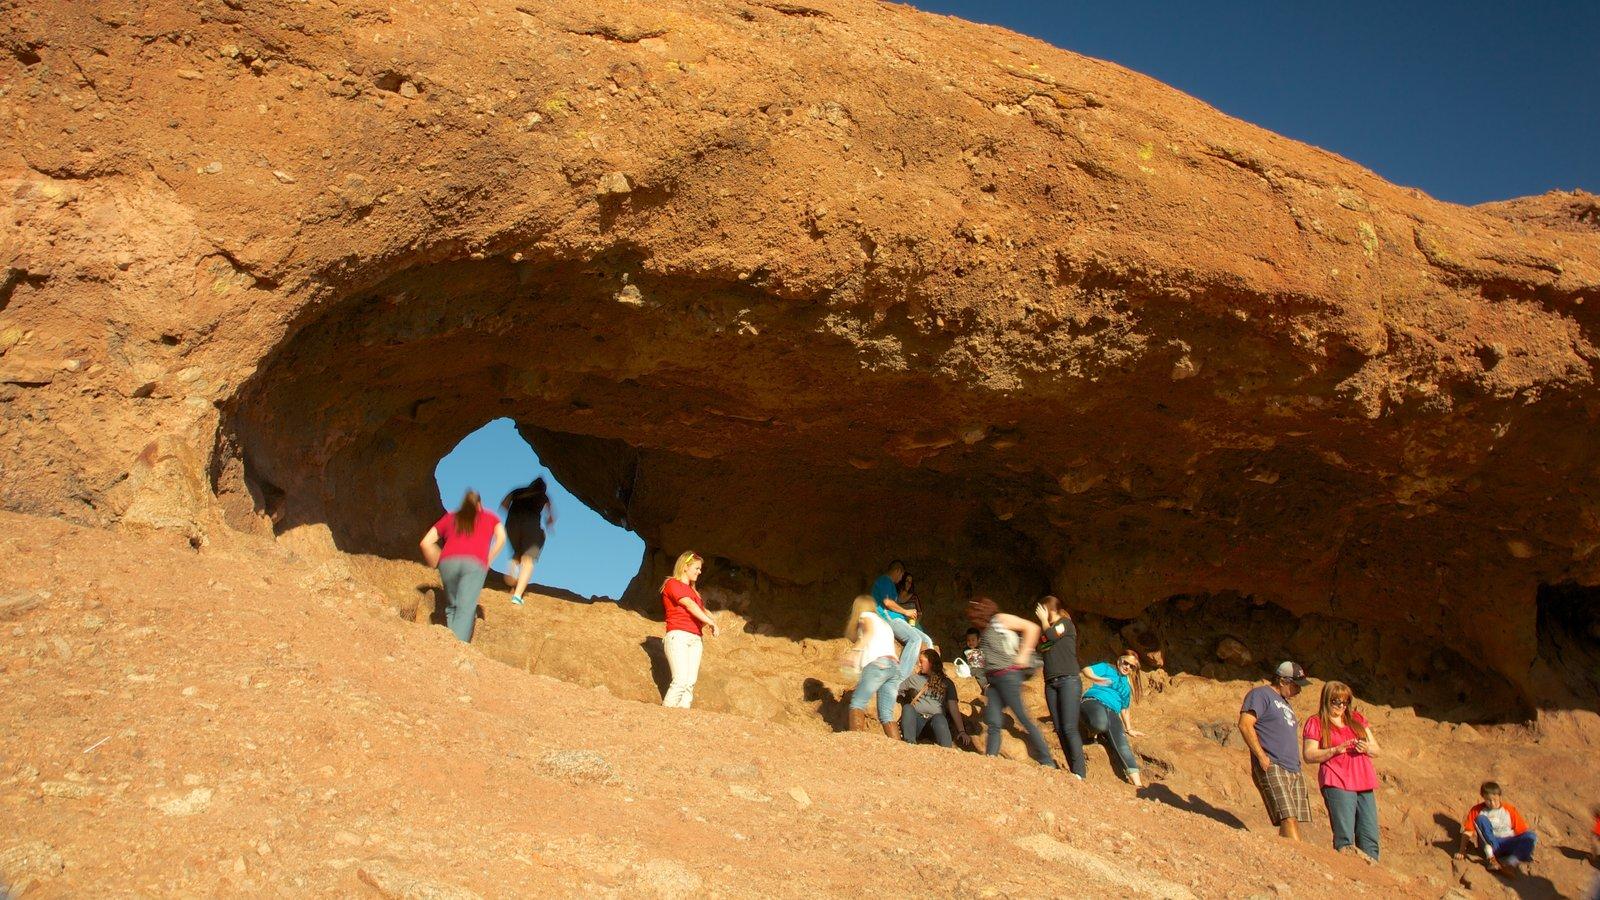 Hole in the Rock mostrando paisagens do deserto e escalada ou caminhada assim como um grande grupo de pessoas